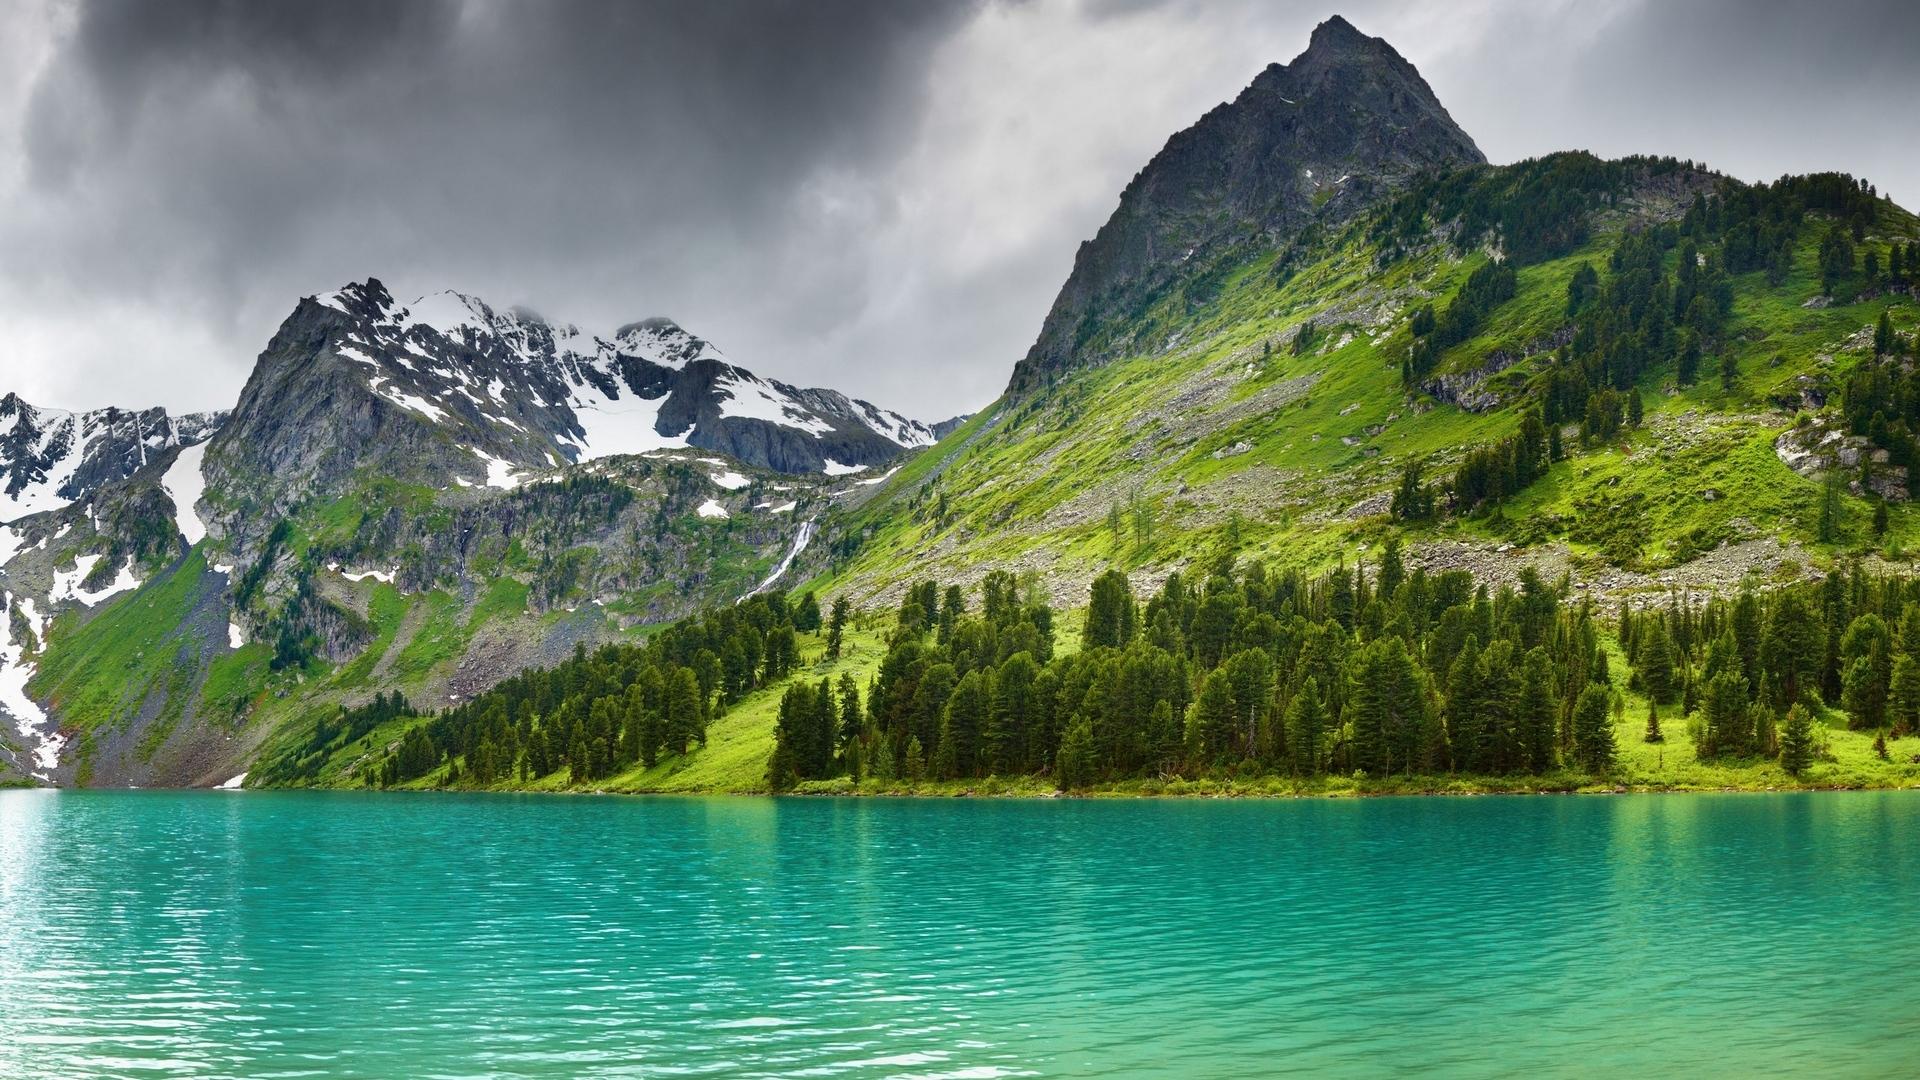 Landscape Lake 1920x1080